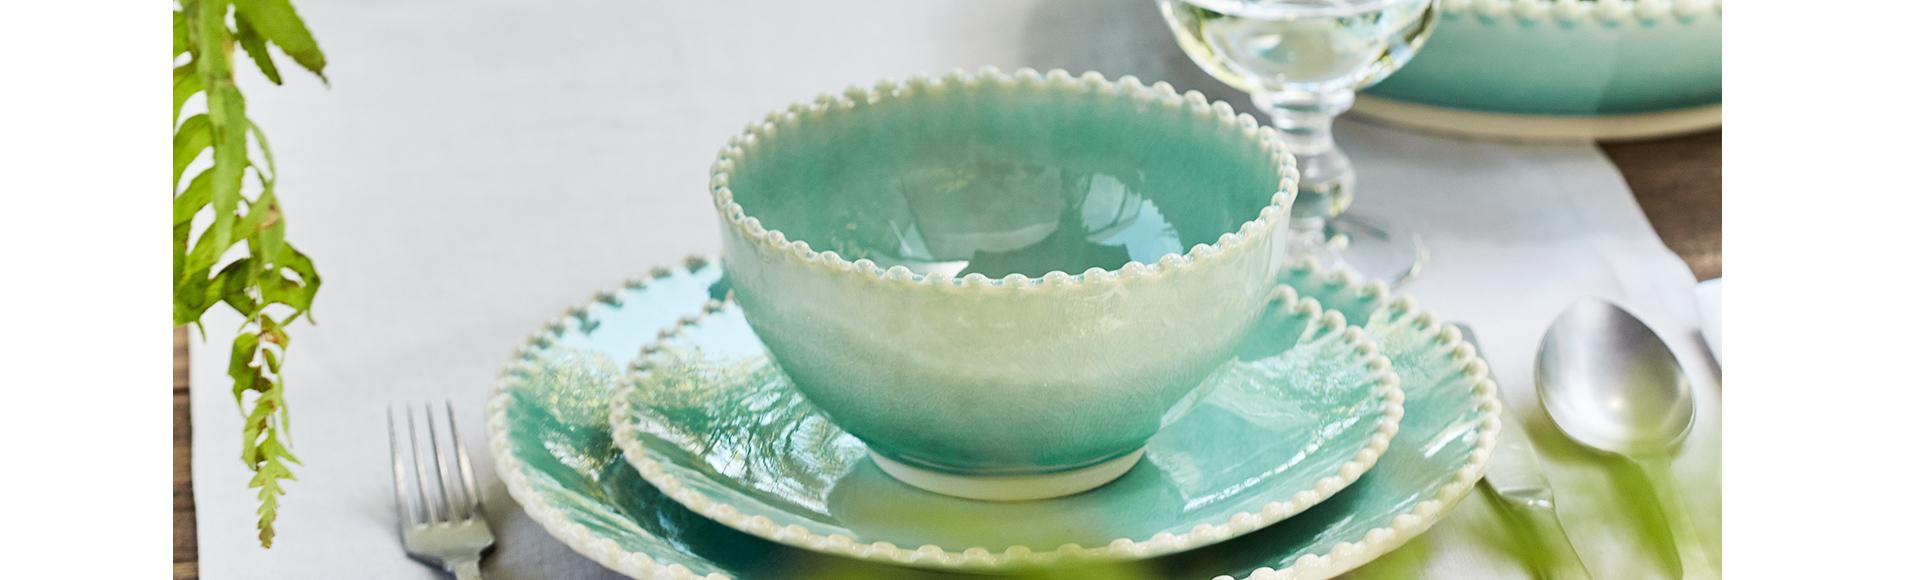 18・19世紀のヨーロッパの豊かな陶器のデザインにインスパイアされたパールシリーズの中でも、パールアクアは、透明感のあるアクアブルーの美しい色が特徴。パールのような粒がお皿のエッジを飾り、みずみずしいイメージのお皿です。